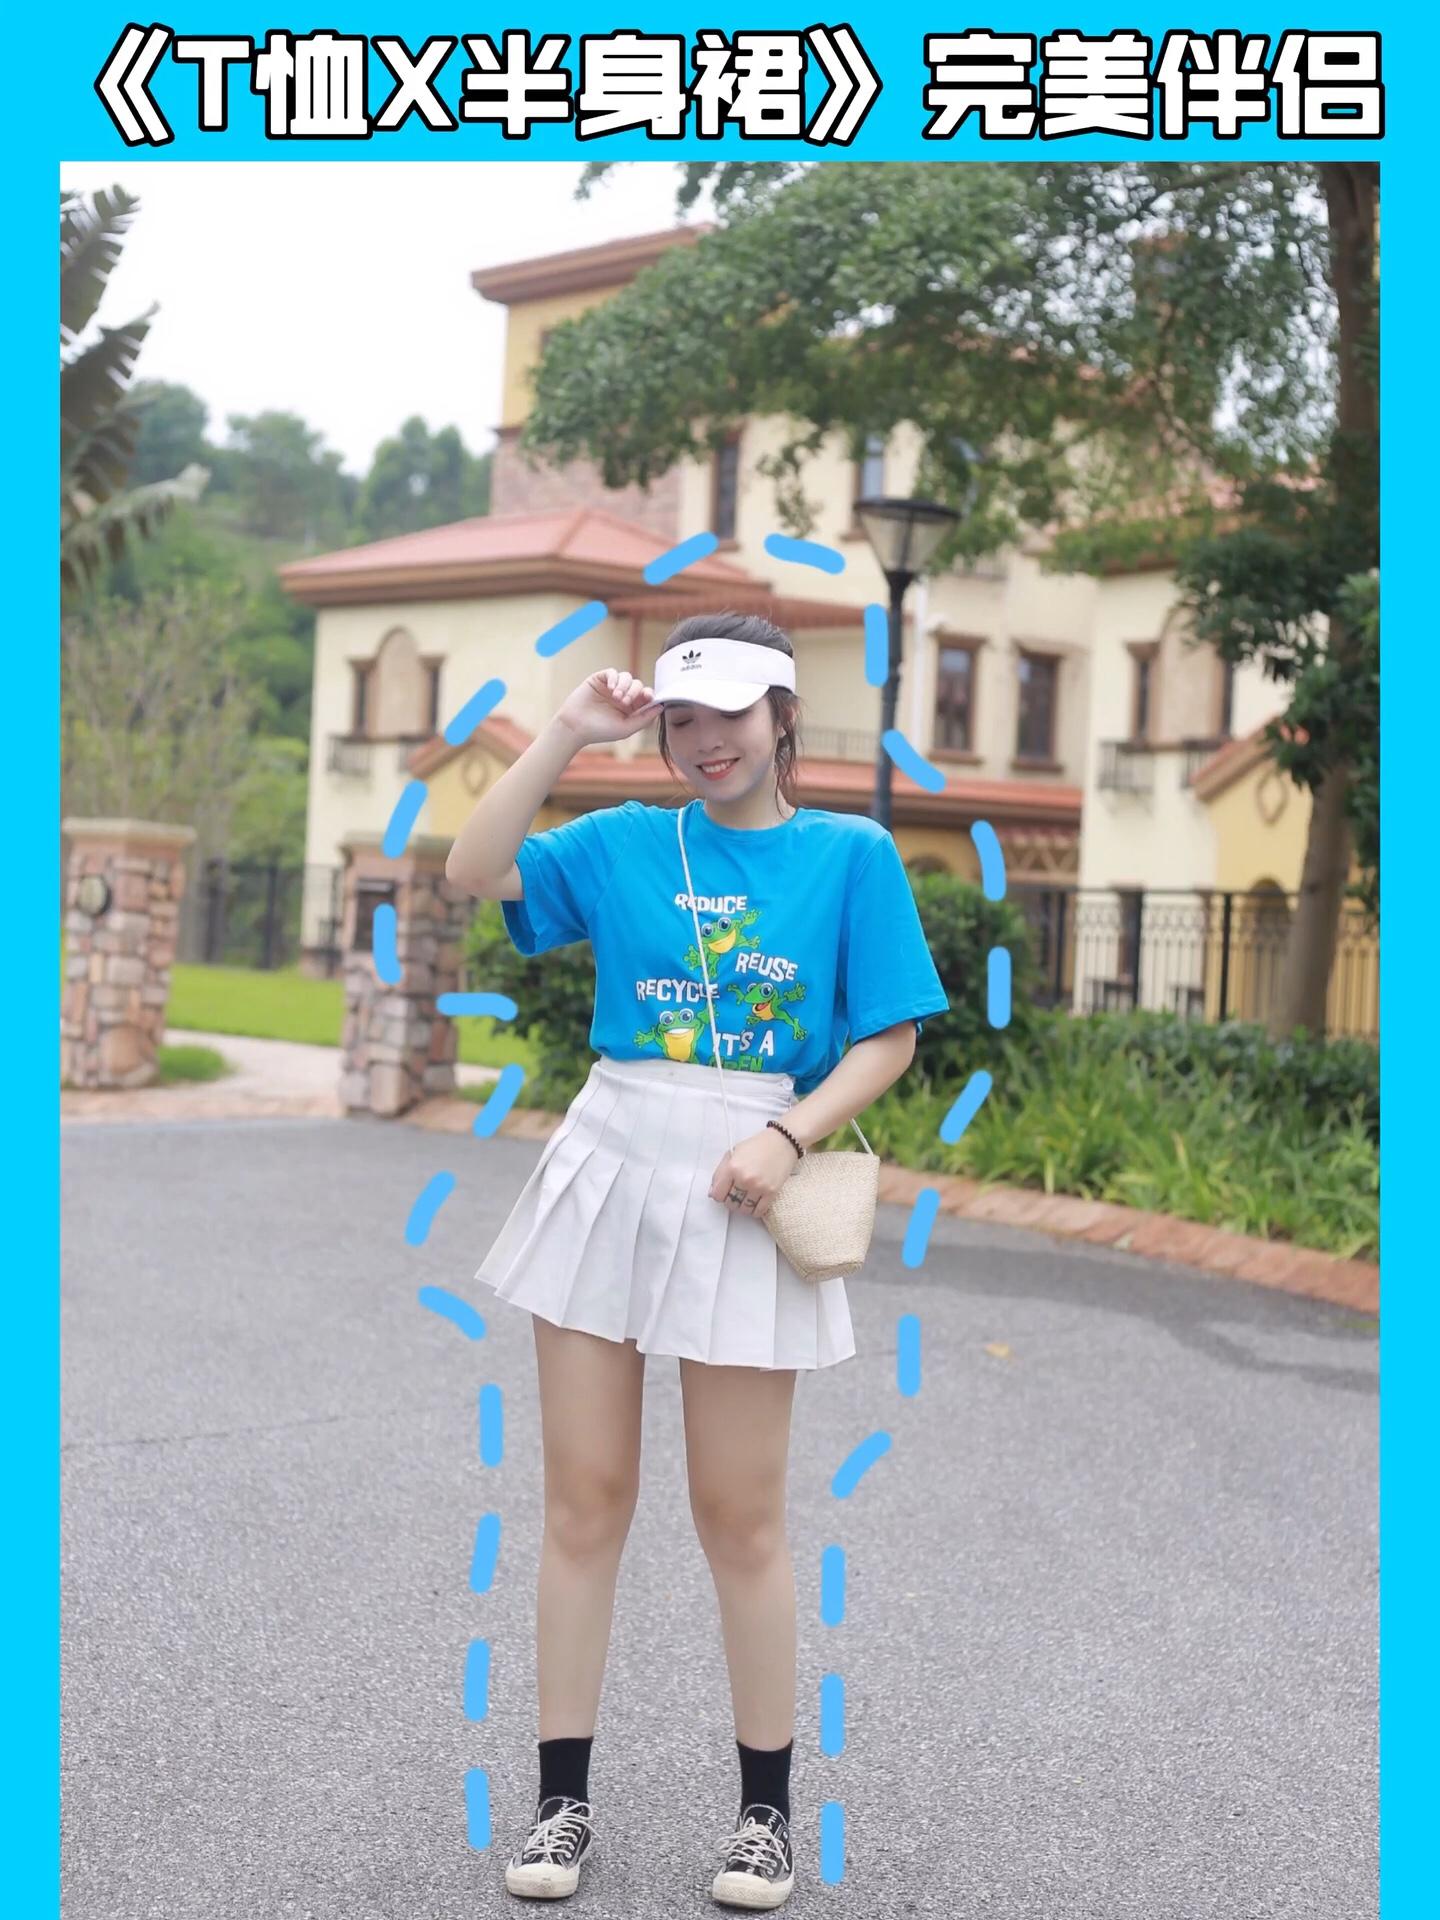 梨C日常穿搭 衣橱最近的新宠来了!这件T恤的图案真是萌到我了 搭配蓝色超减龄!还有显肤白! 蓝色T恤搭配白色百褶裙 简直天作之合!加一个白色运动风帽子 完美! #闺蜜团爆火秘诀:短款百褶裙!#